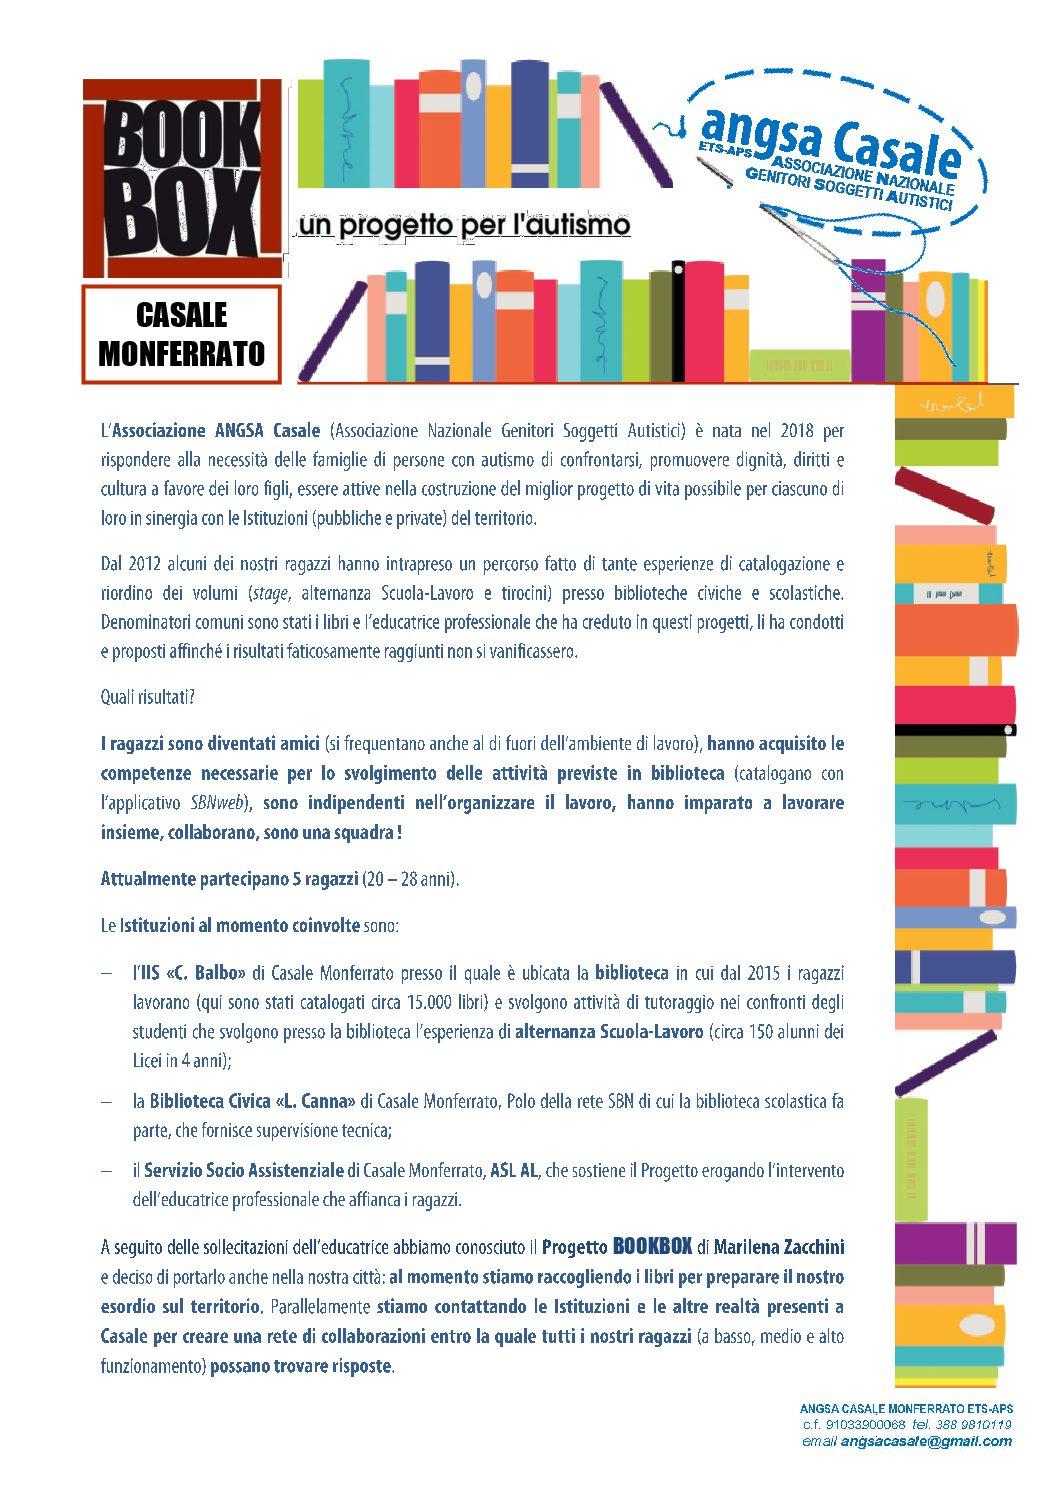 BOOKBOX a Casale Monferrato